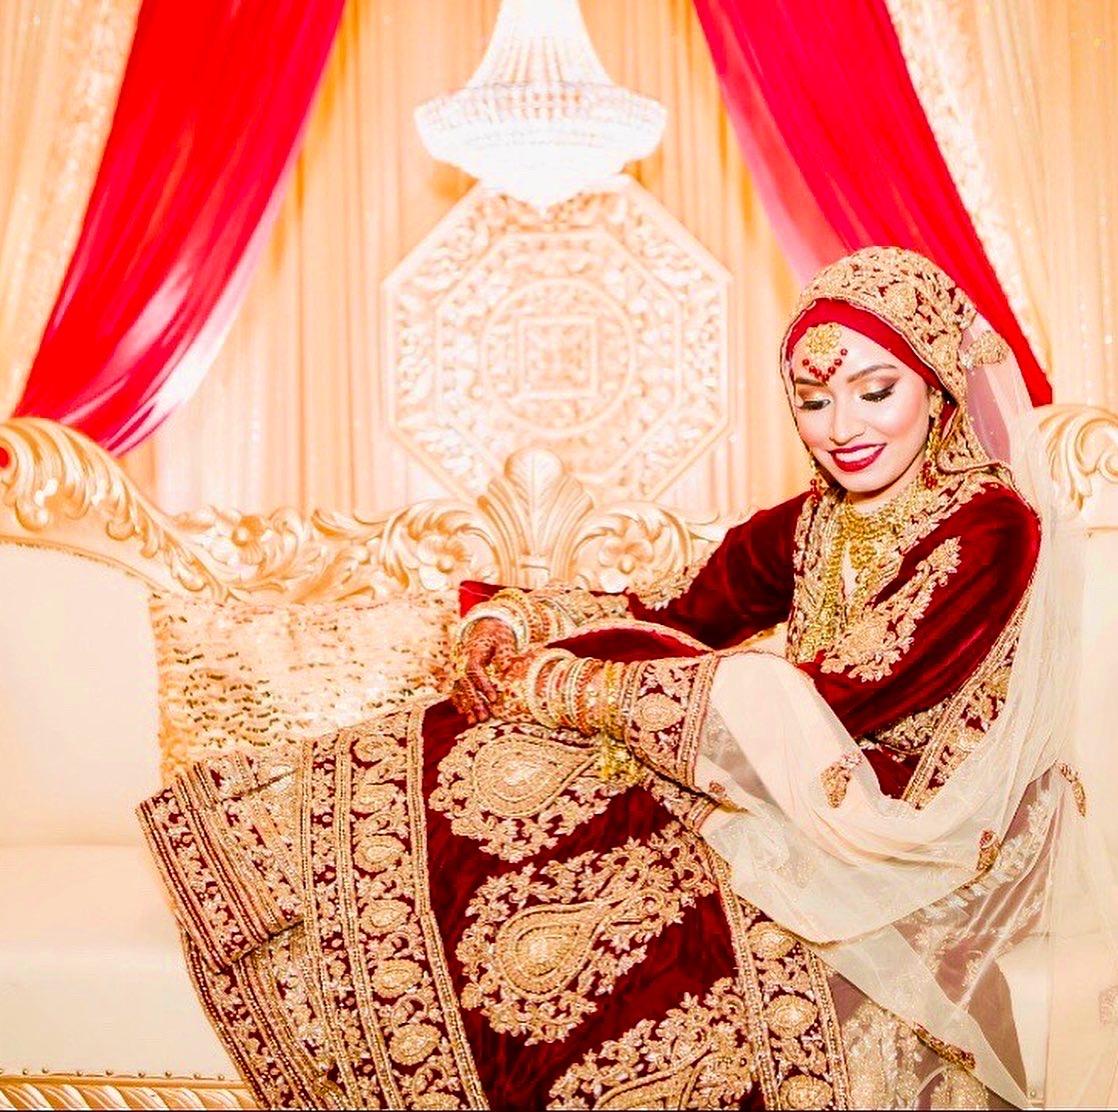 Georgia South Asian Makeup artist